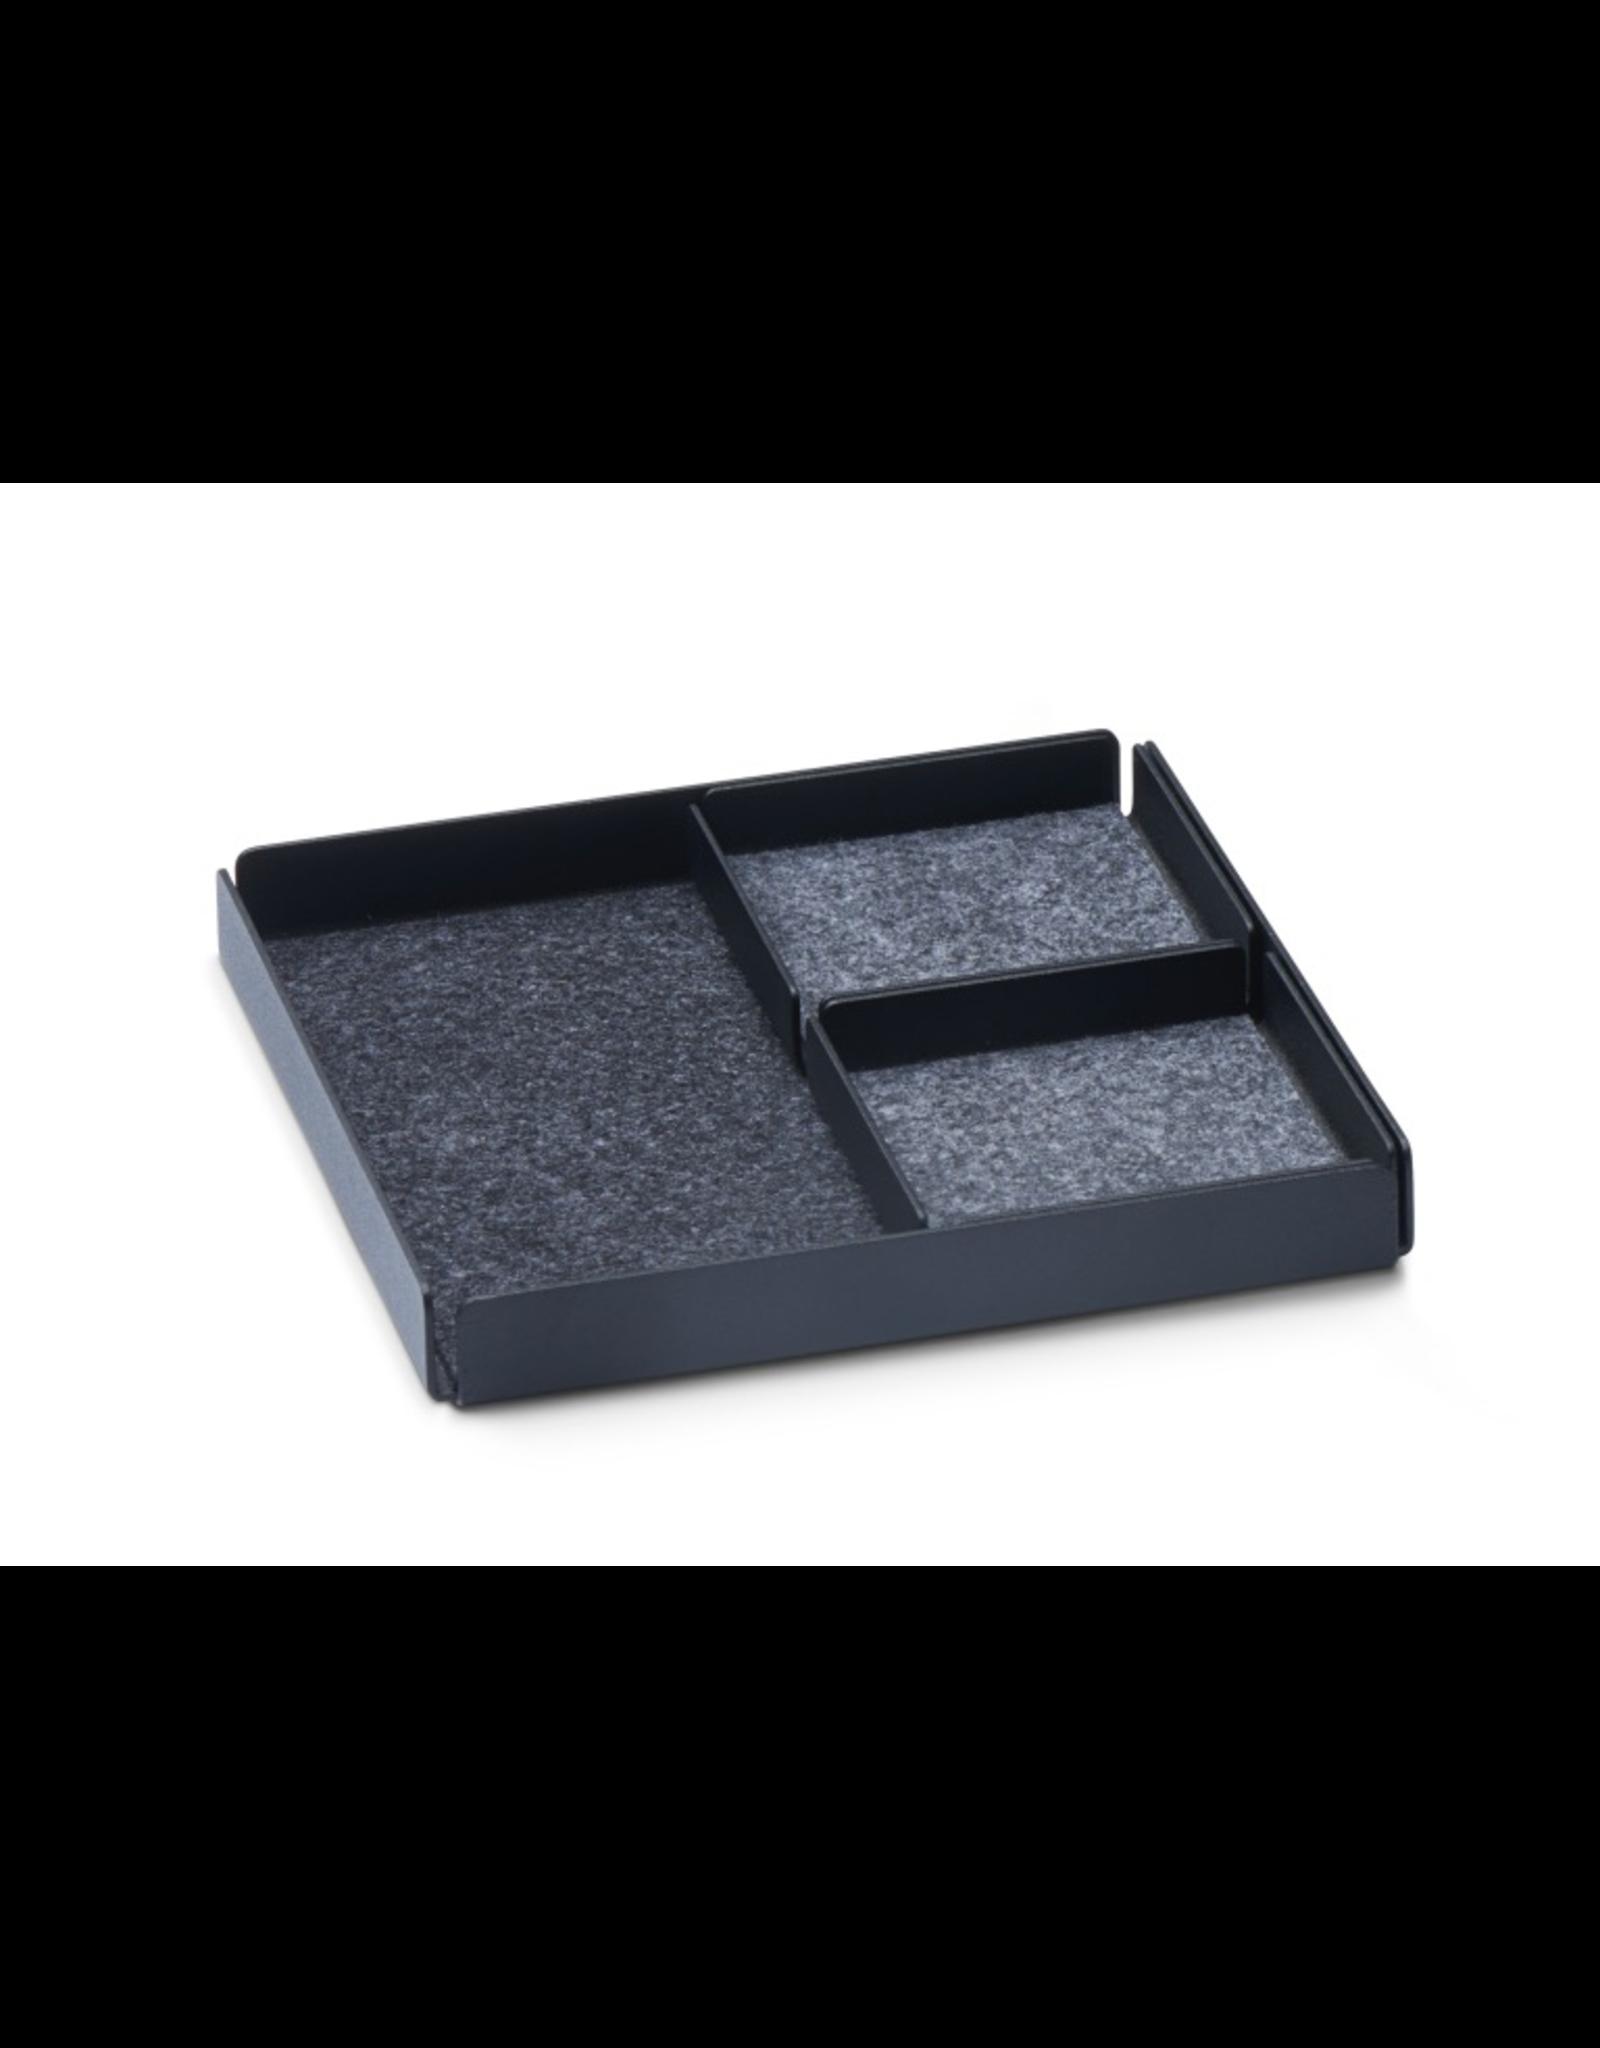 Juwelen Jewellery Rest x Organizer Tray Set 3pcs set - Black/Grey